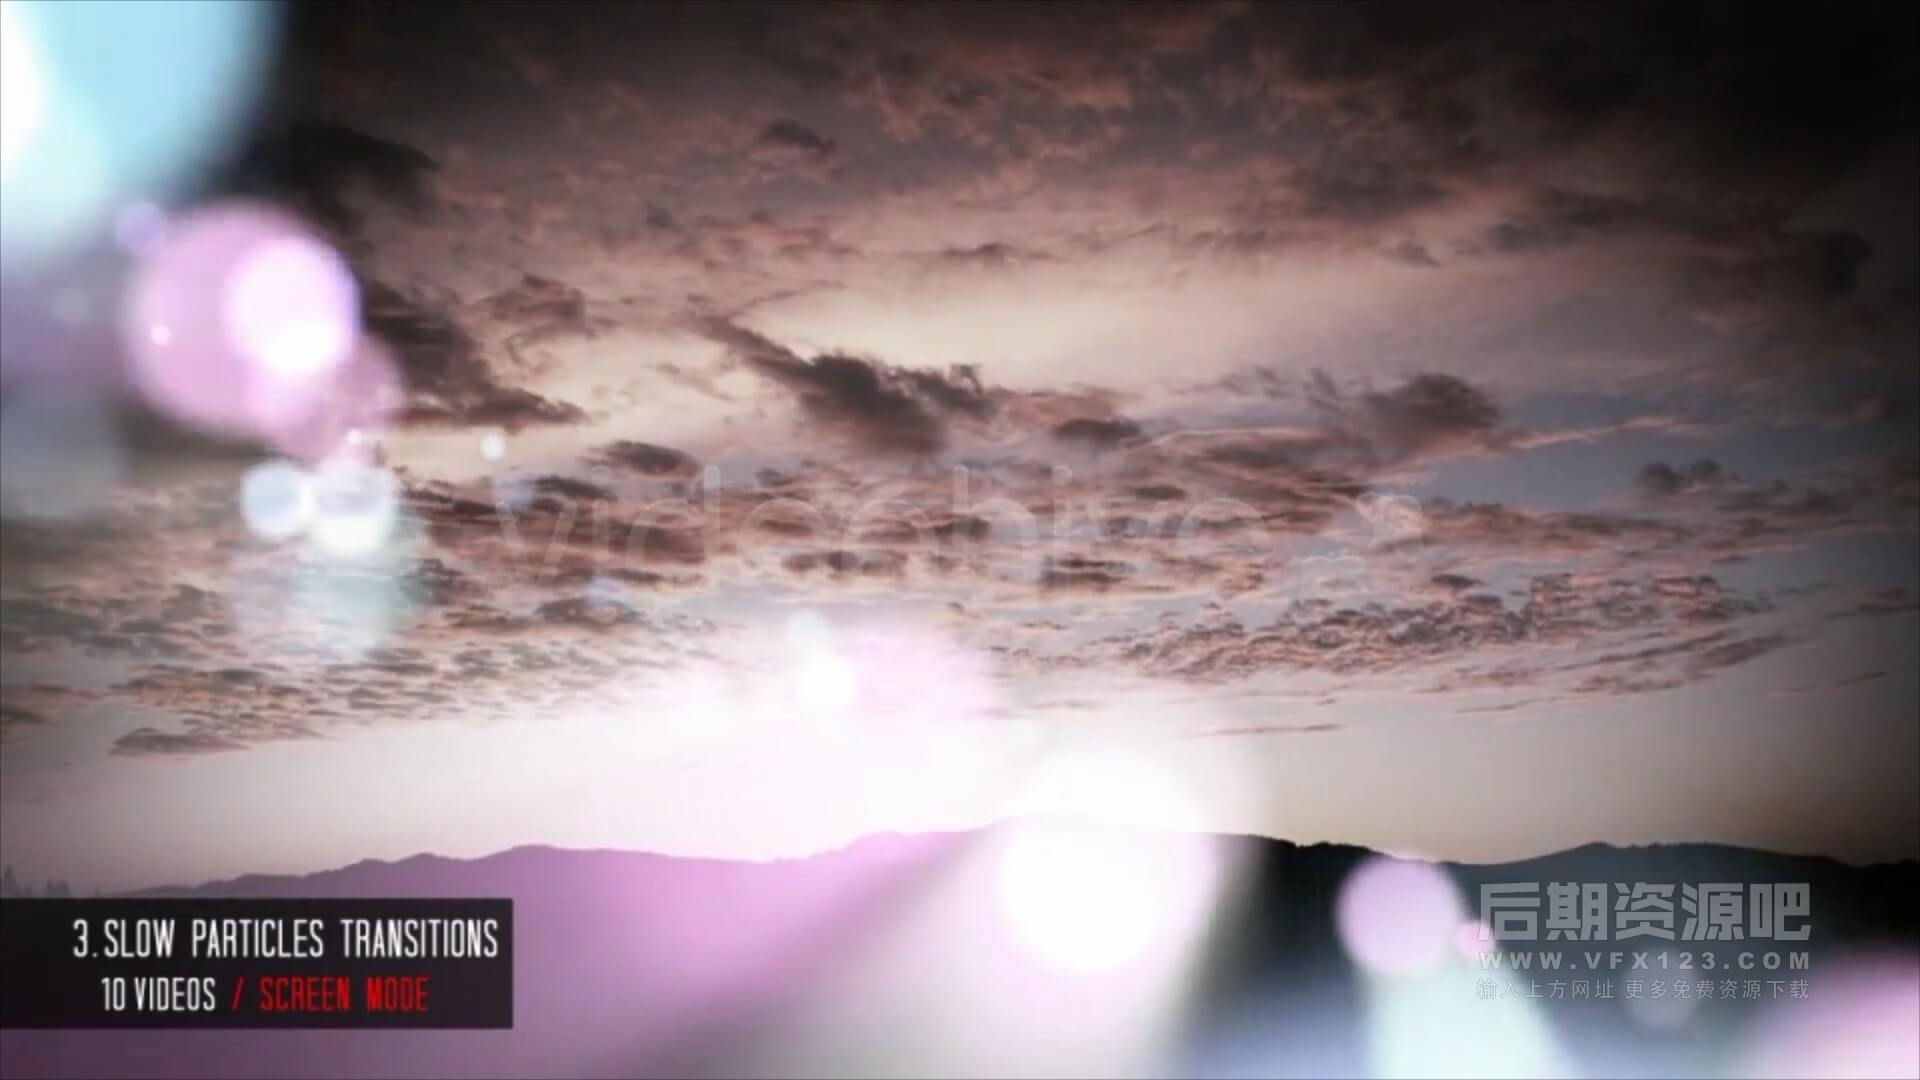 视频素材 50个实用转场集合 线条 故障干扰 粒子 光斑 烟尘